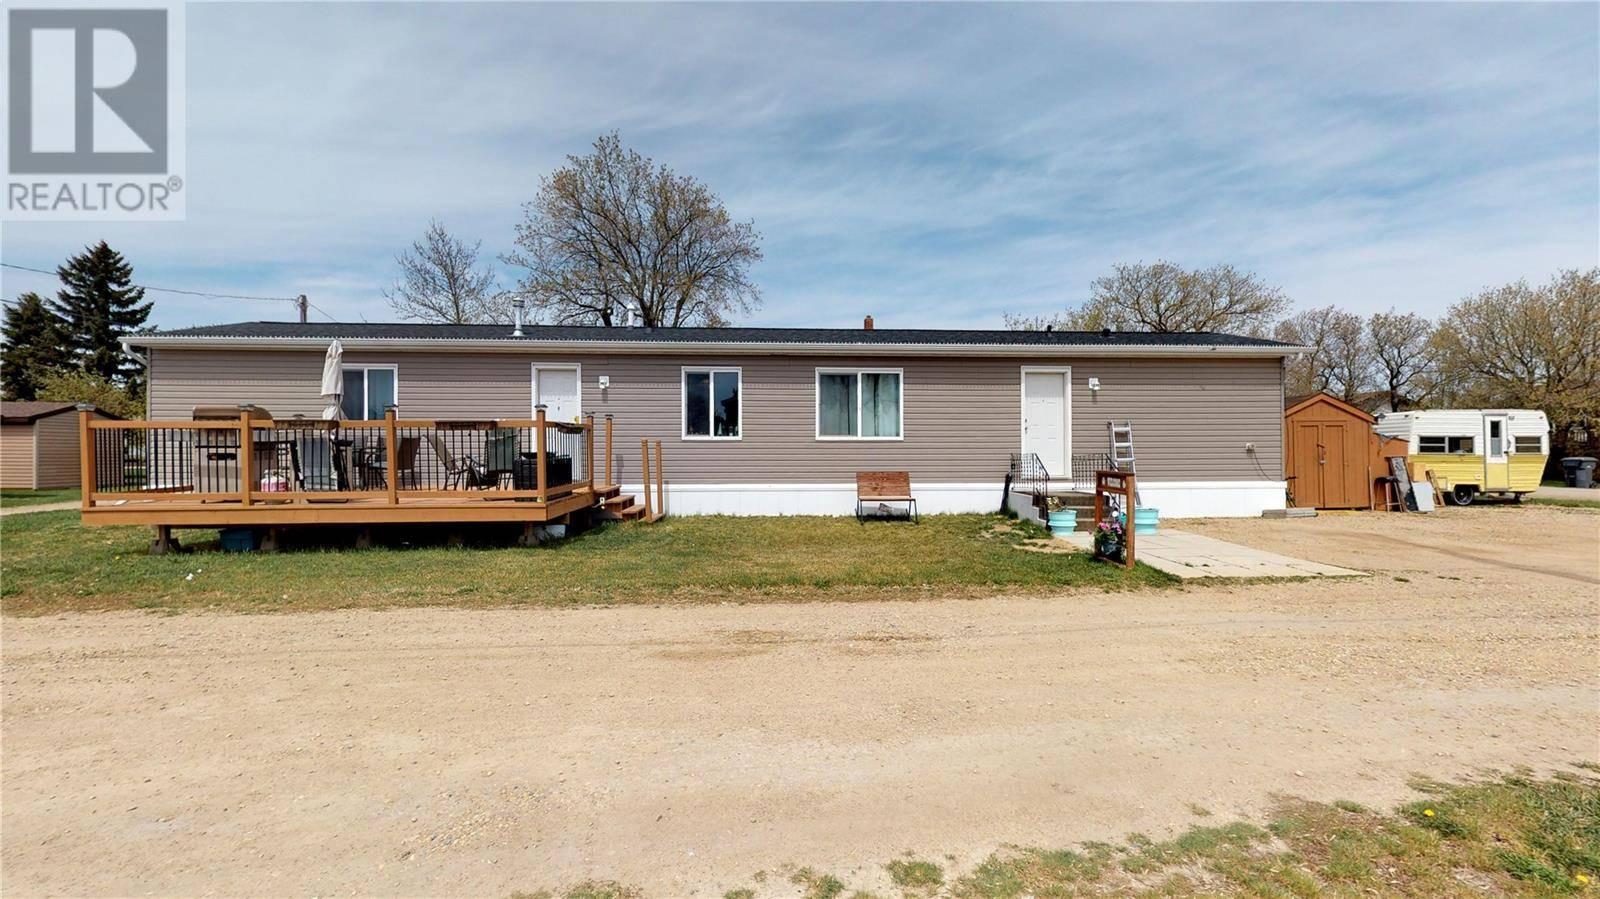 Home for sale at 101 Moose St Arcola Saskatchewan - MLS: SK760452